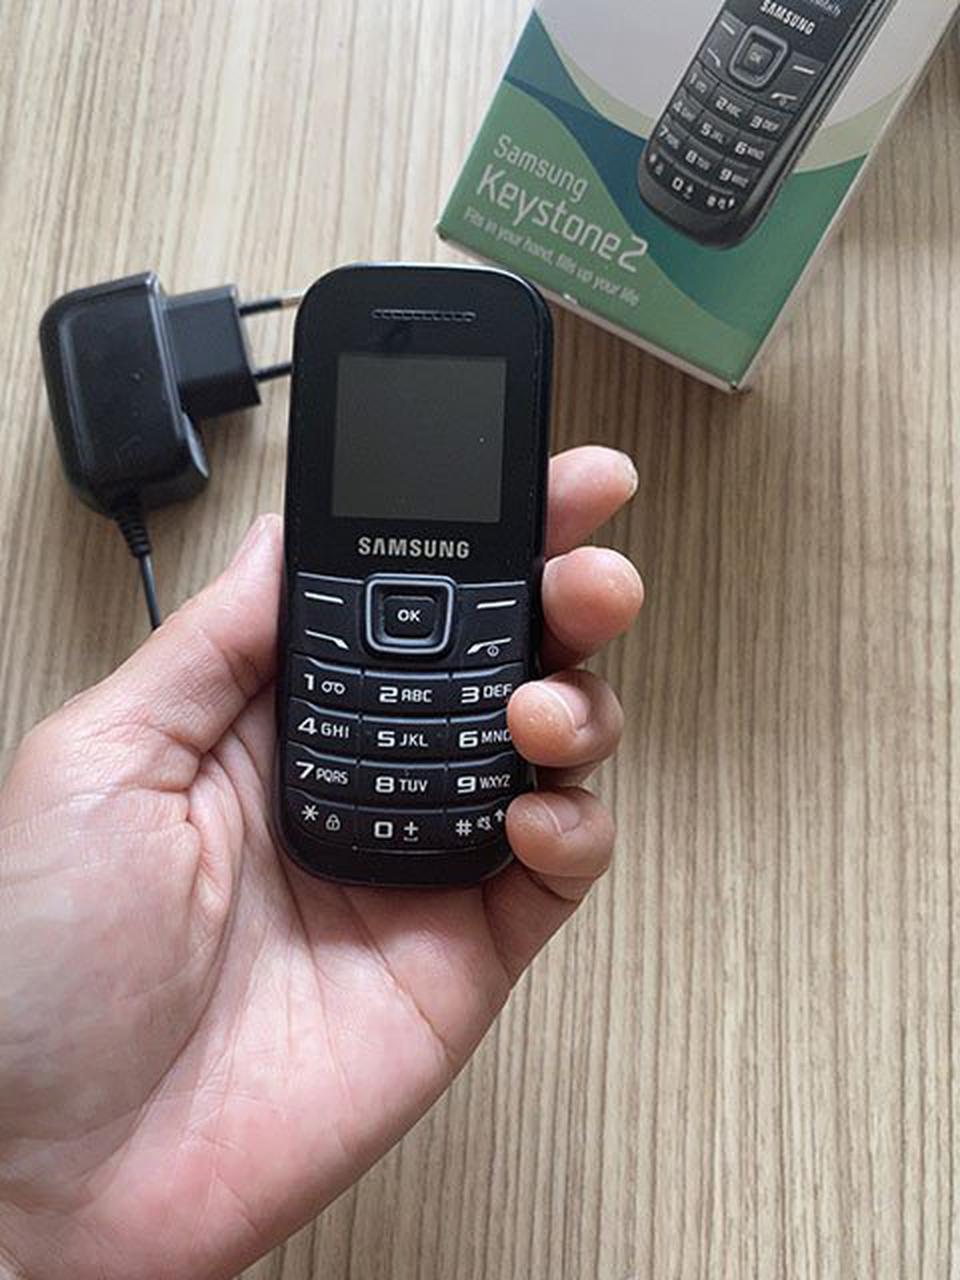 โทรศัพท์มือถือ Samsung keystone2 ซัมซุงฮีโร่เเบตอึดอยู่ได้5วัน มือสองสภาพดี ทนทาน เสียงชัด สัญญาณดี รูปที่ 2